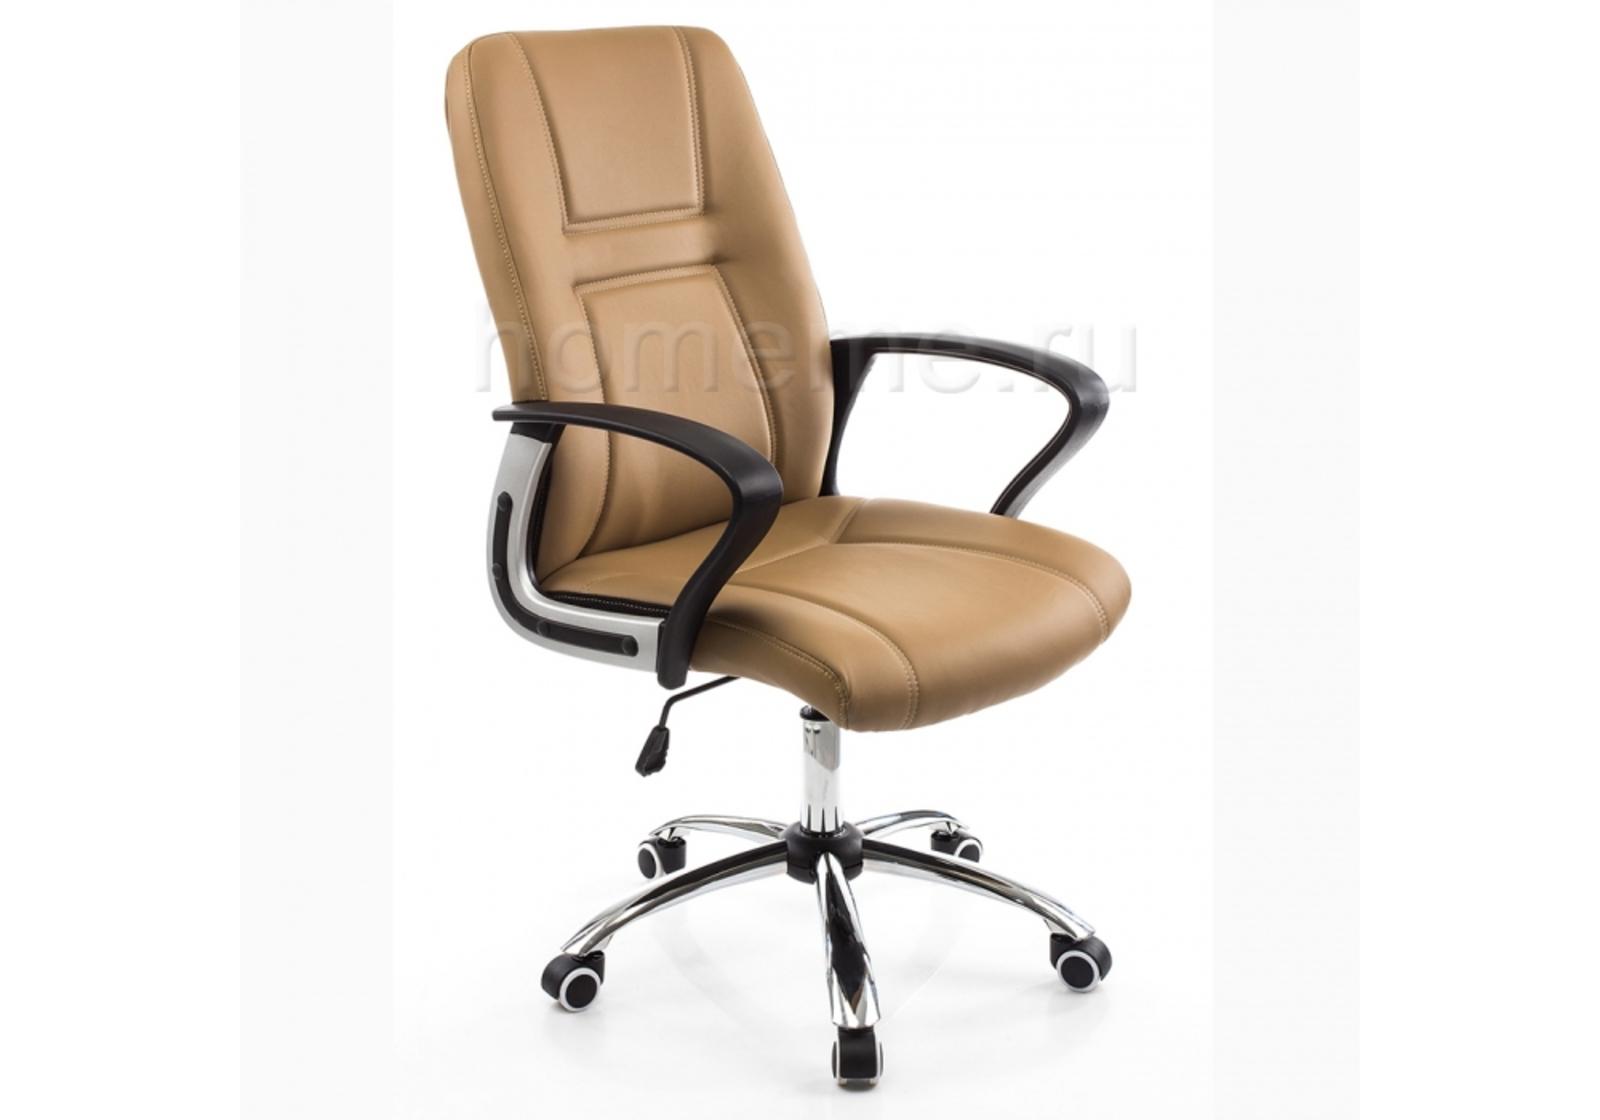 Кресло для офиса HomeMe Blanes бежевое 1734 от Homeme.ru